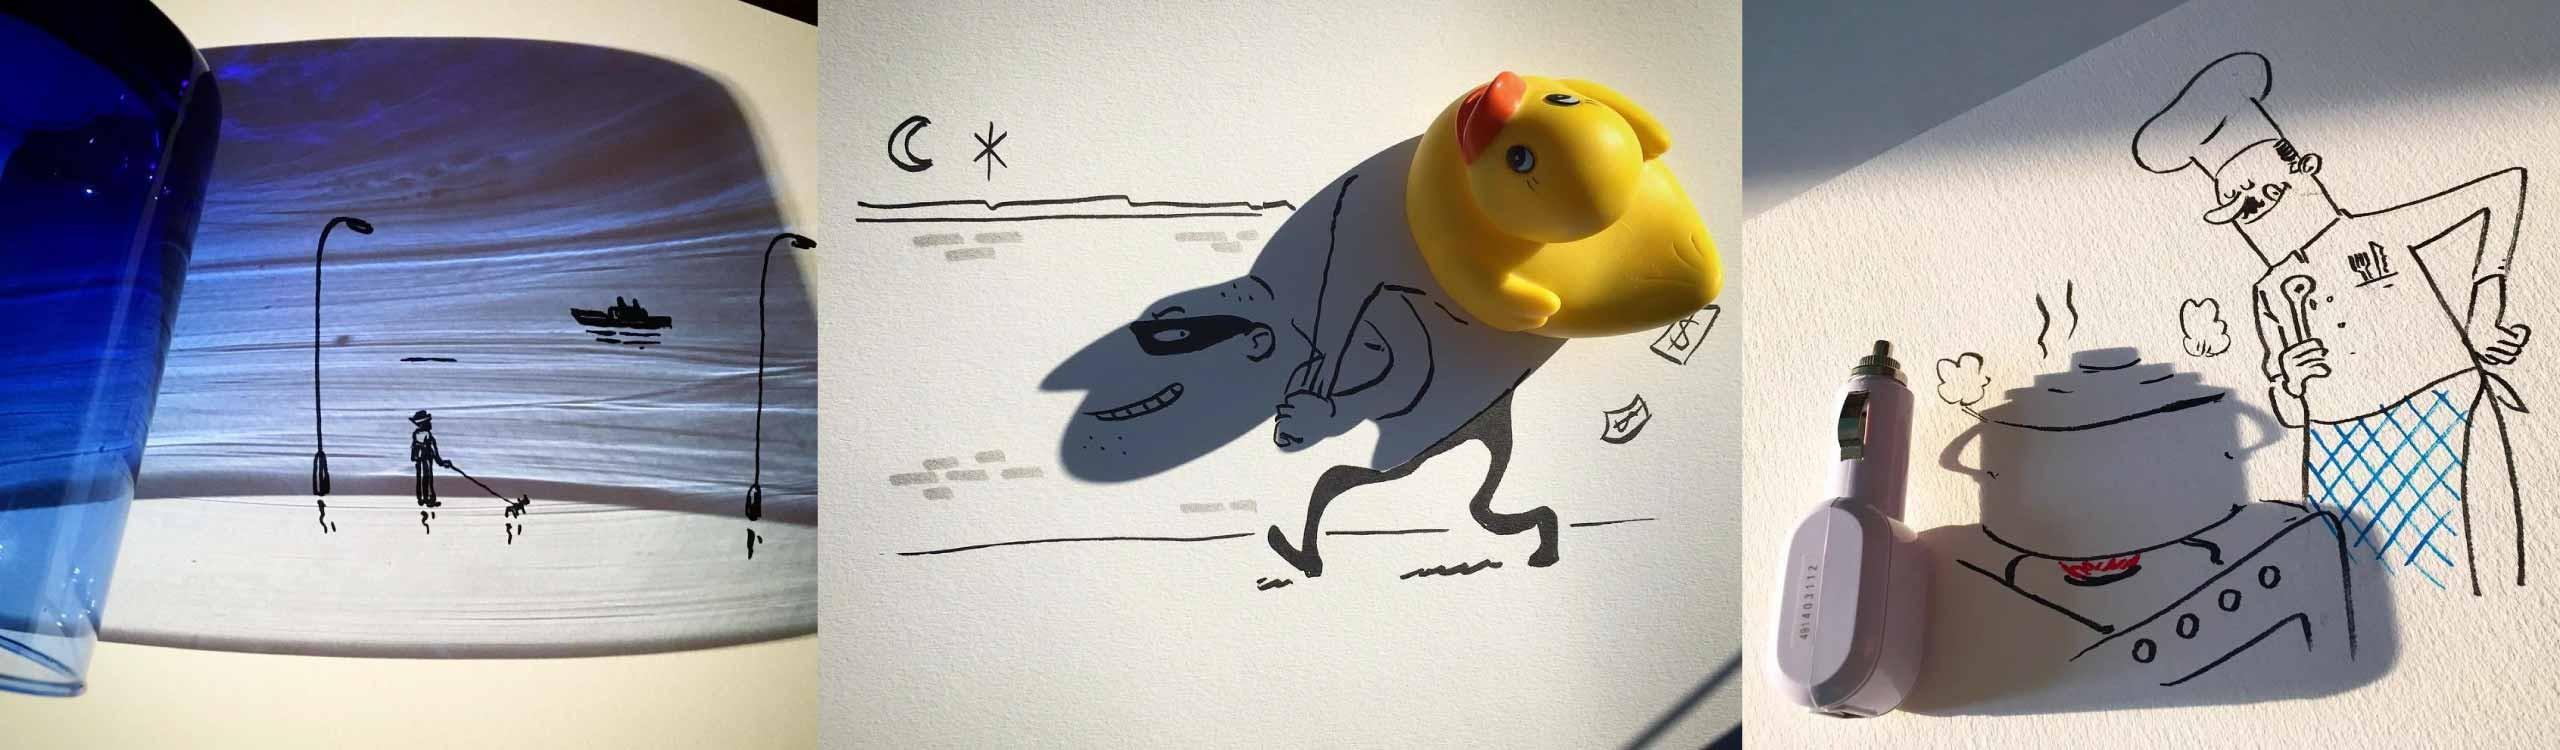 vincent bal, el hombre que dibuja con las sombras en instagram